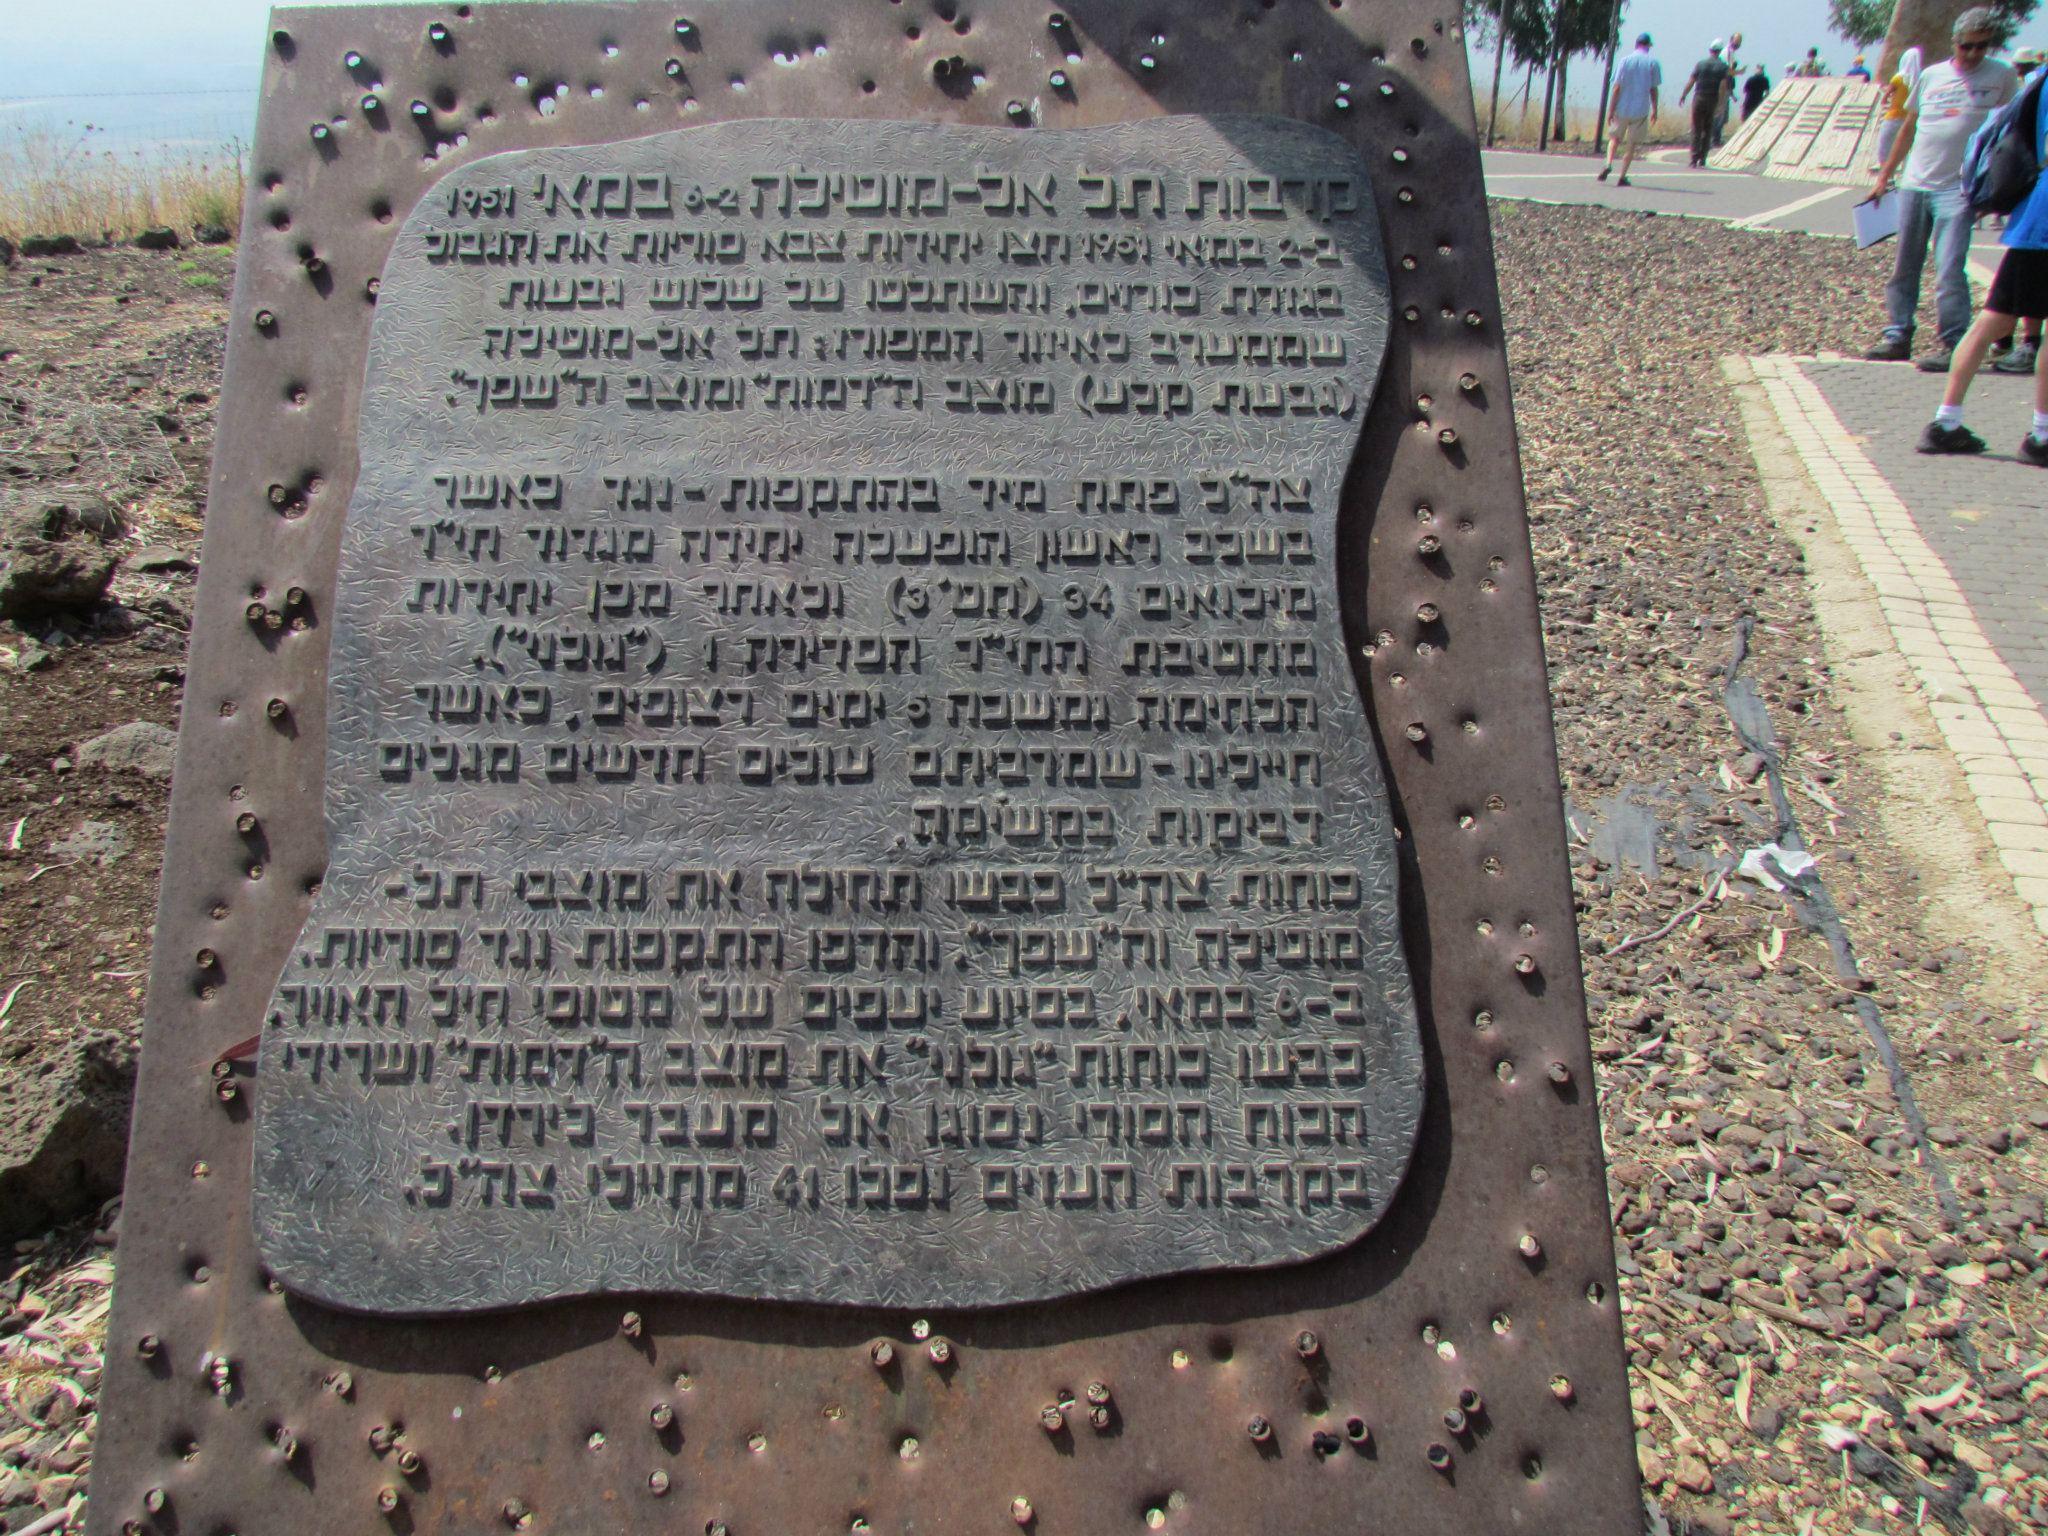 תאור הקרב על האנדרטה.